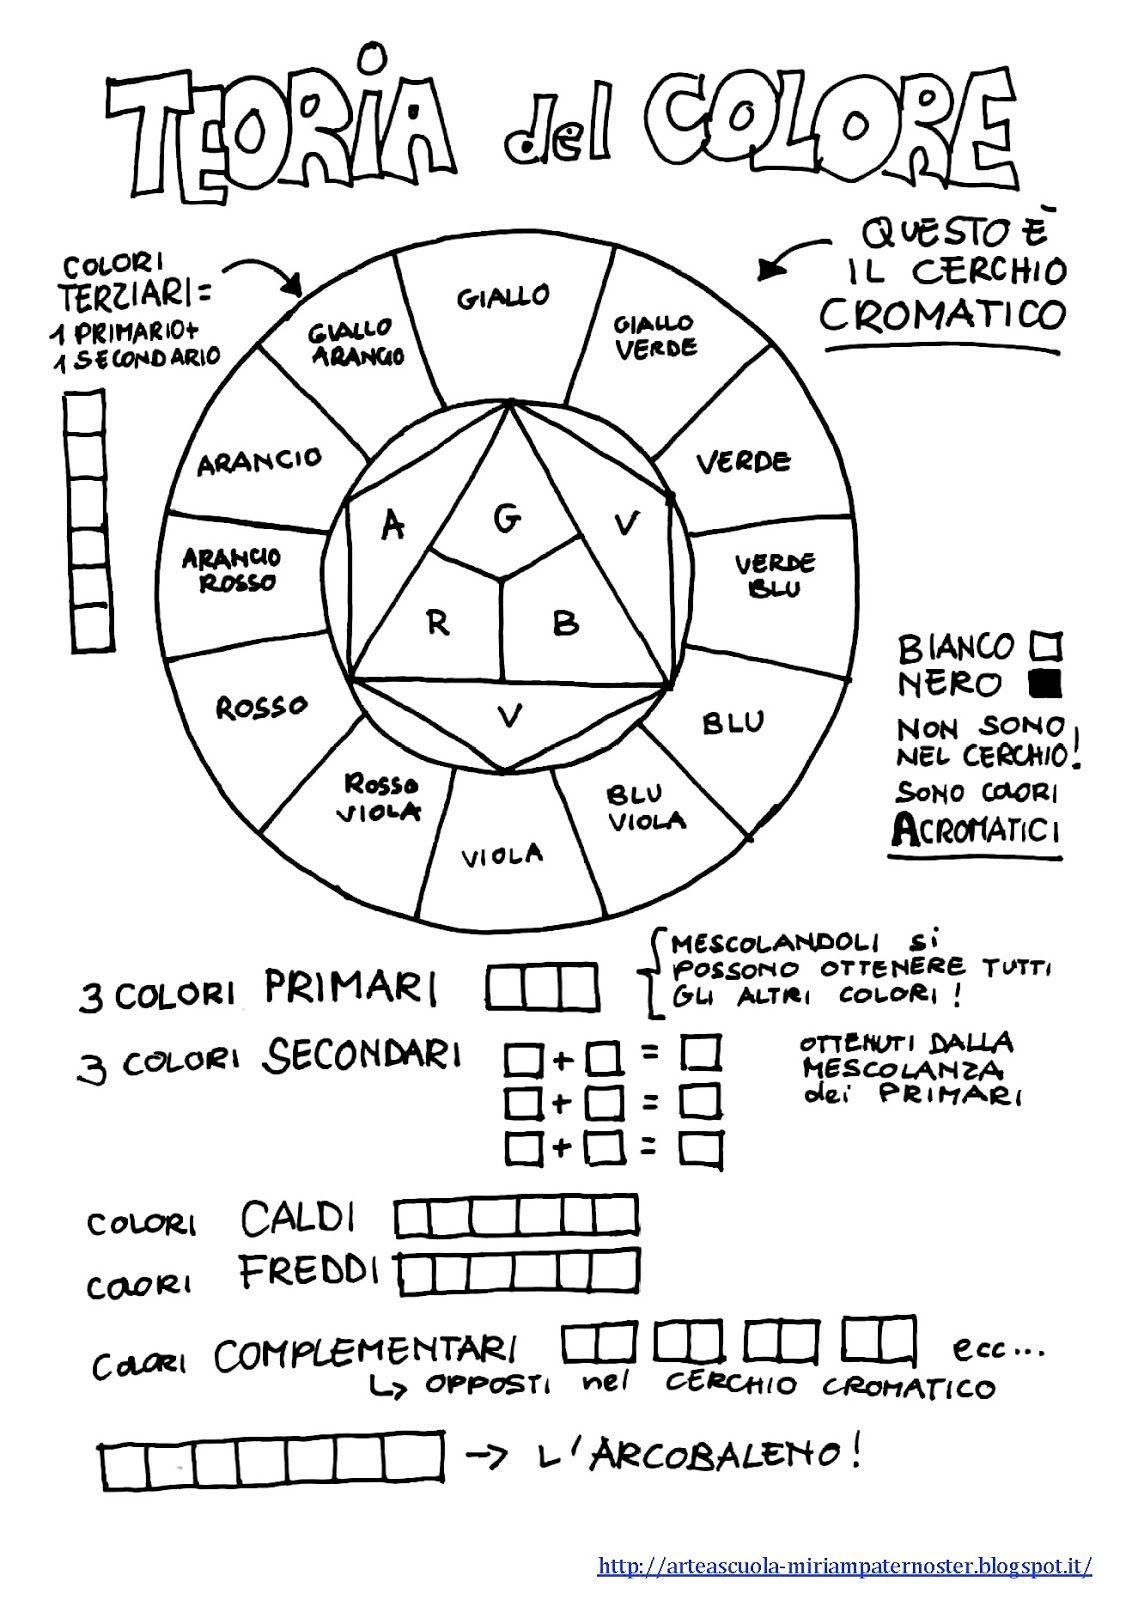 Dopo Aver Cercato Nel Web Un Cerchio Cromatico In Italiano